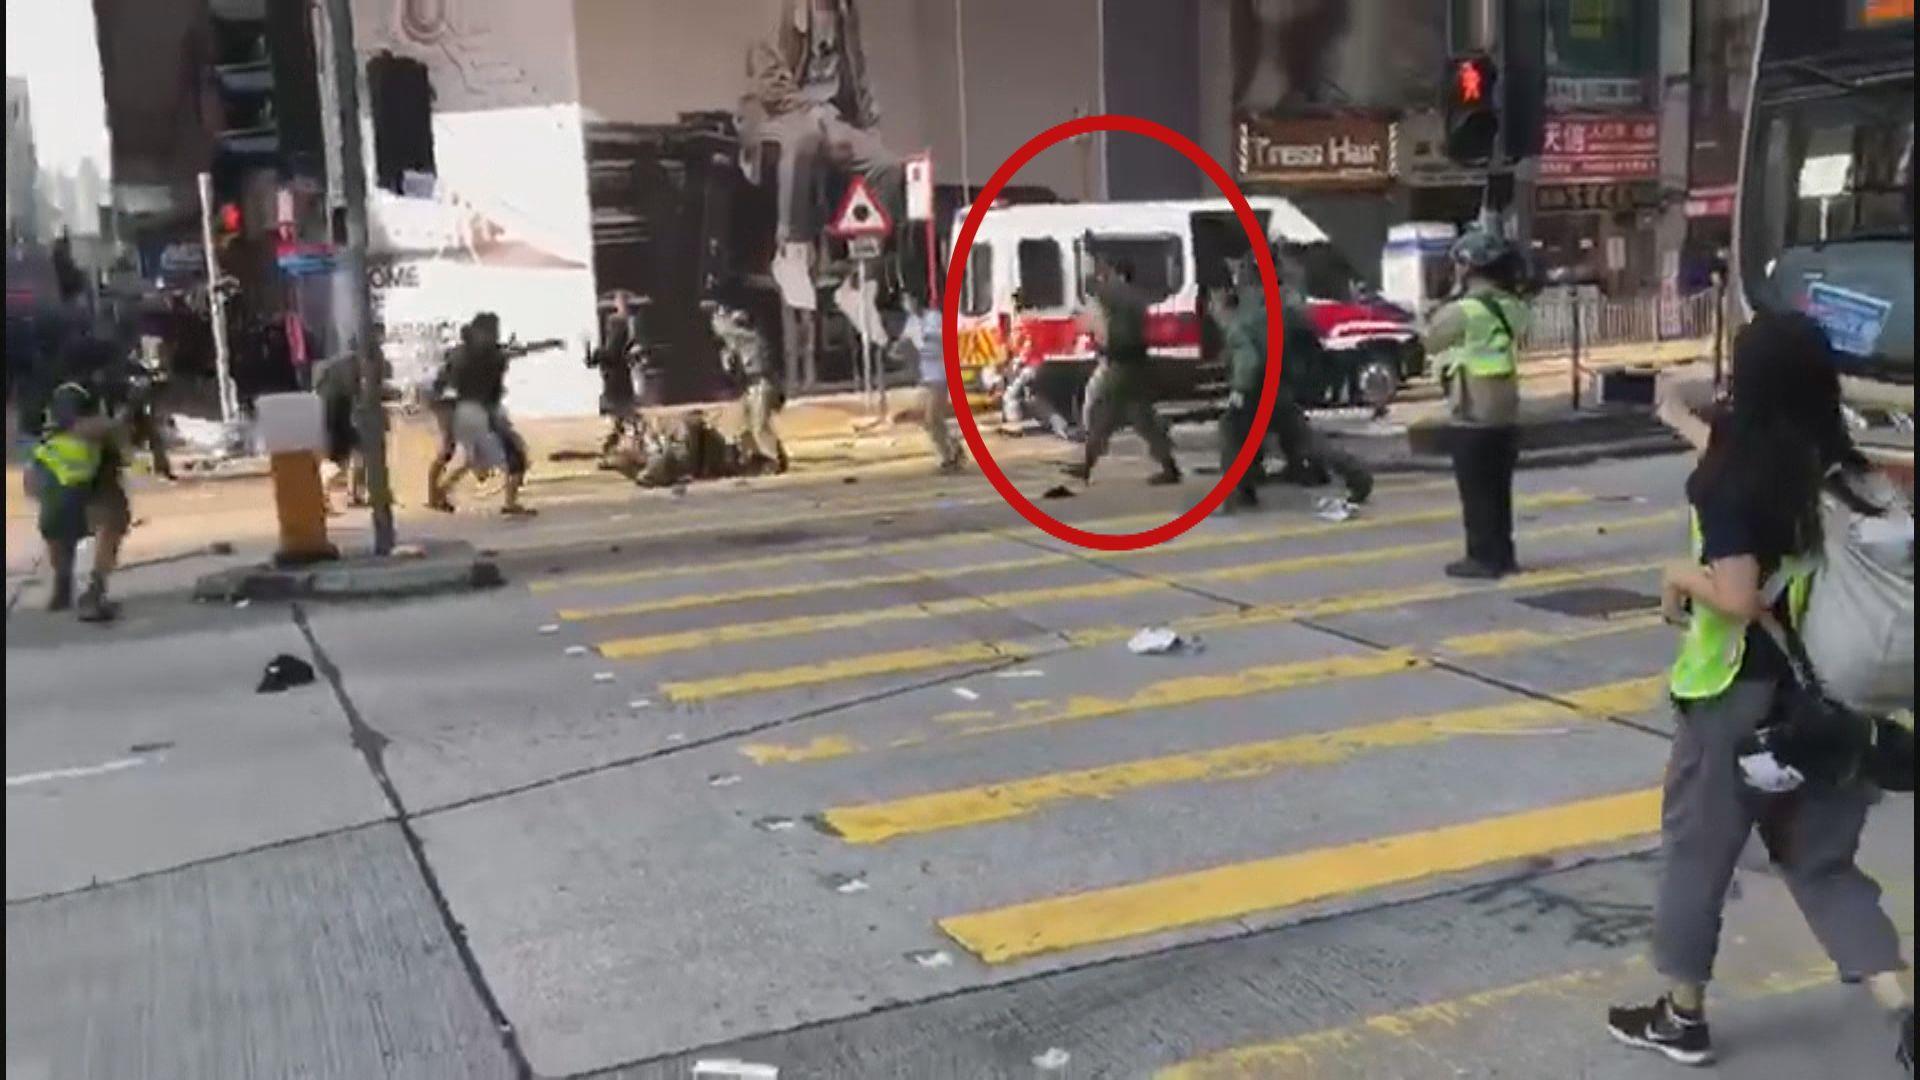 警員彌敦道被示威者襲擊 開兩槍實彈示警